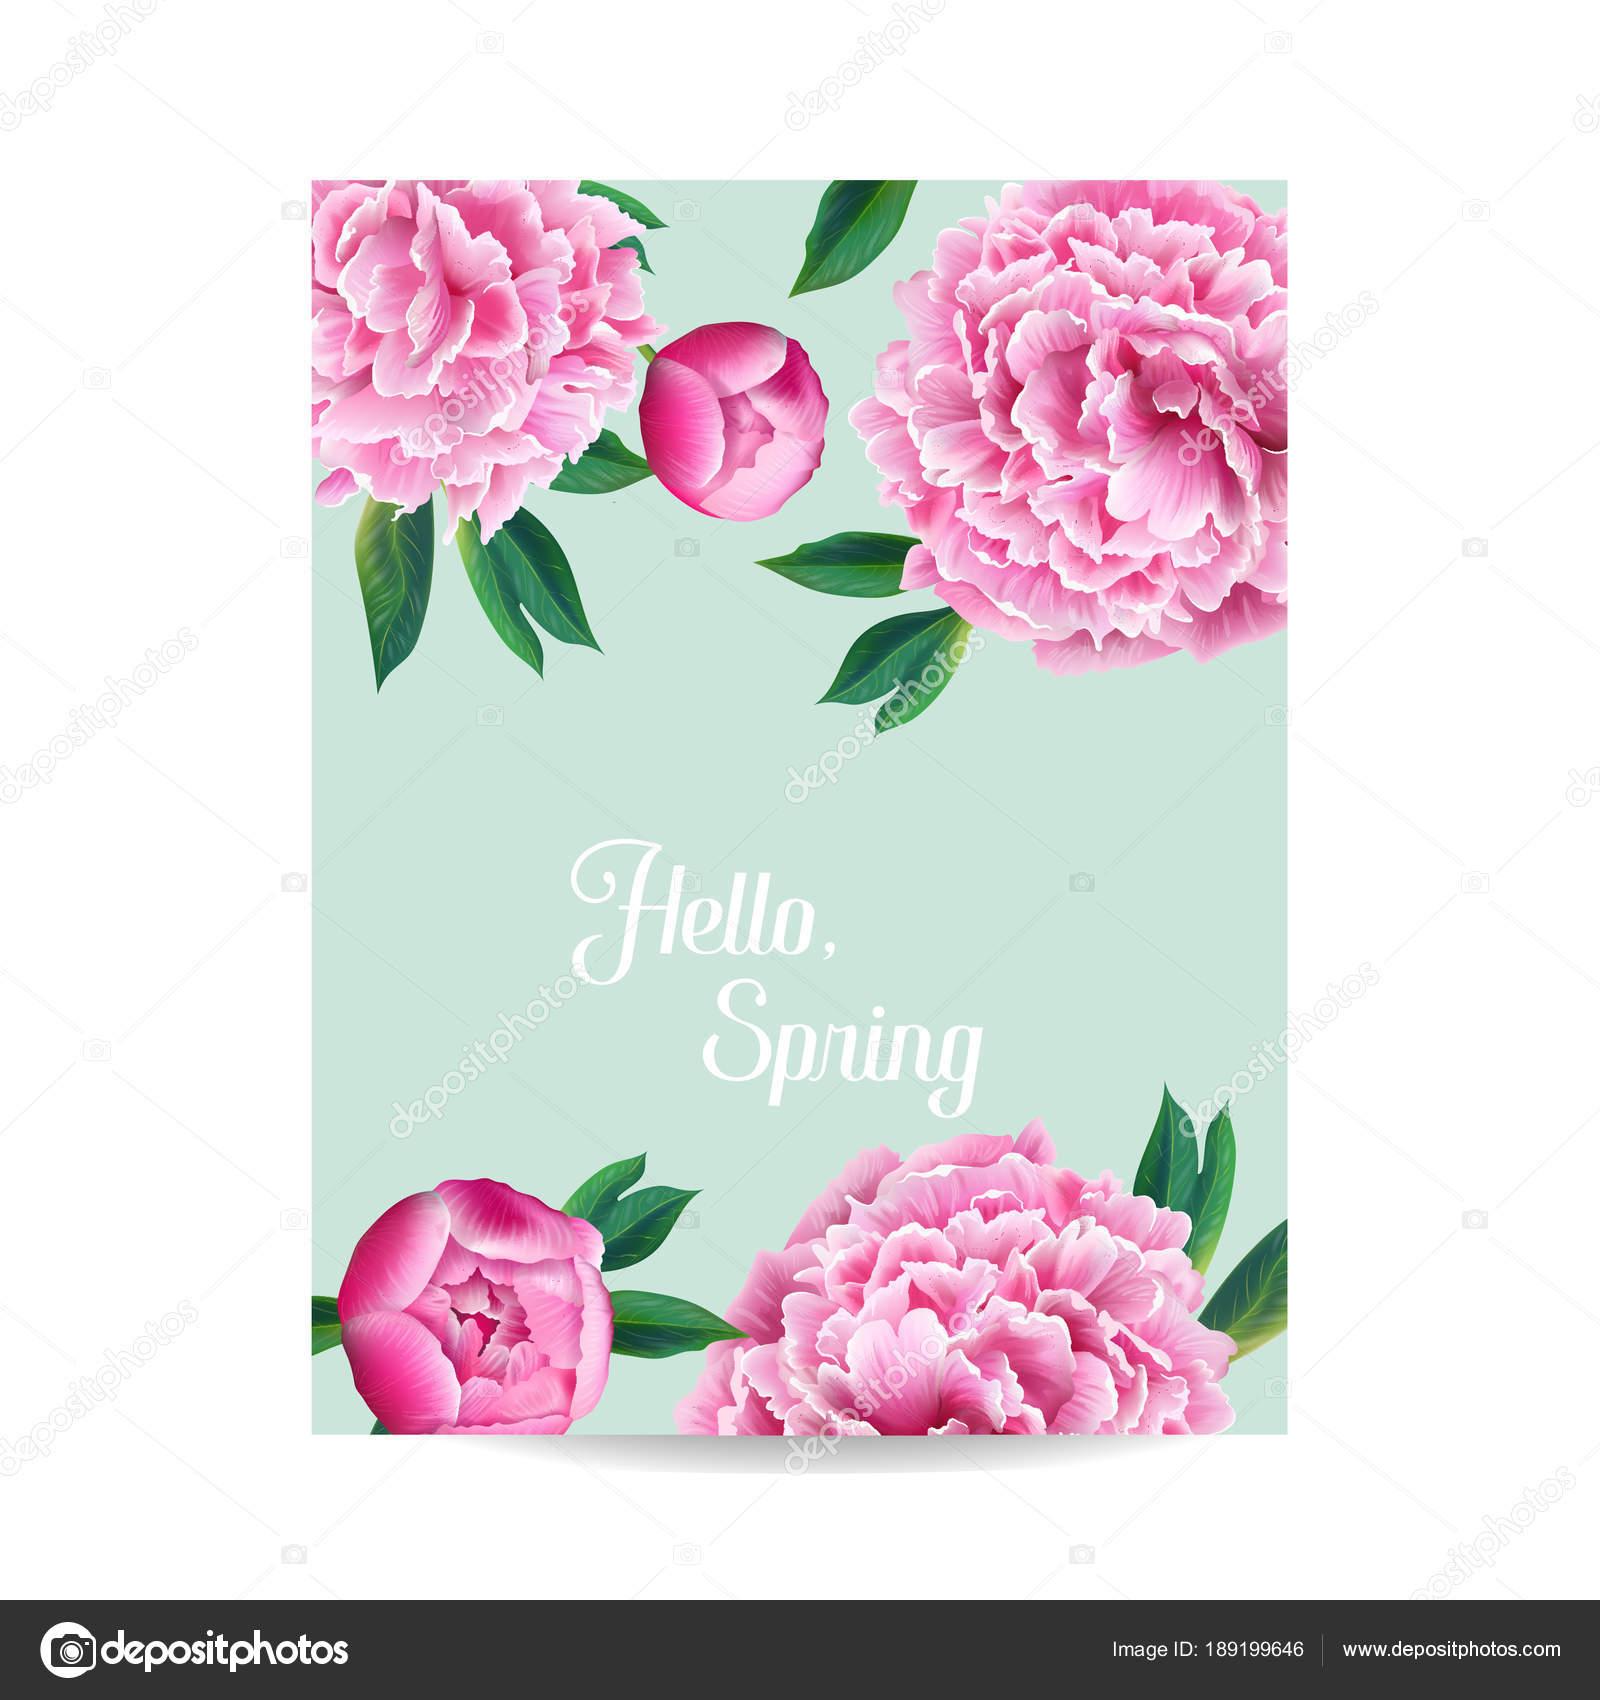 Schön Blühender Frühling Und Sommer Floralen Design. Aquarell Rosa Pfingstrose  Blumen Für Einladung, Hochzeit,